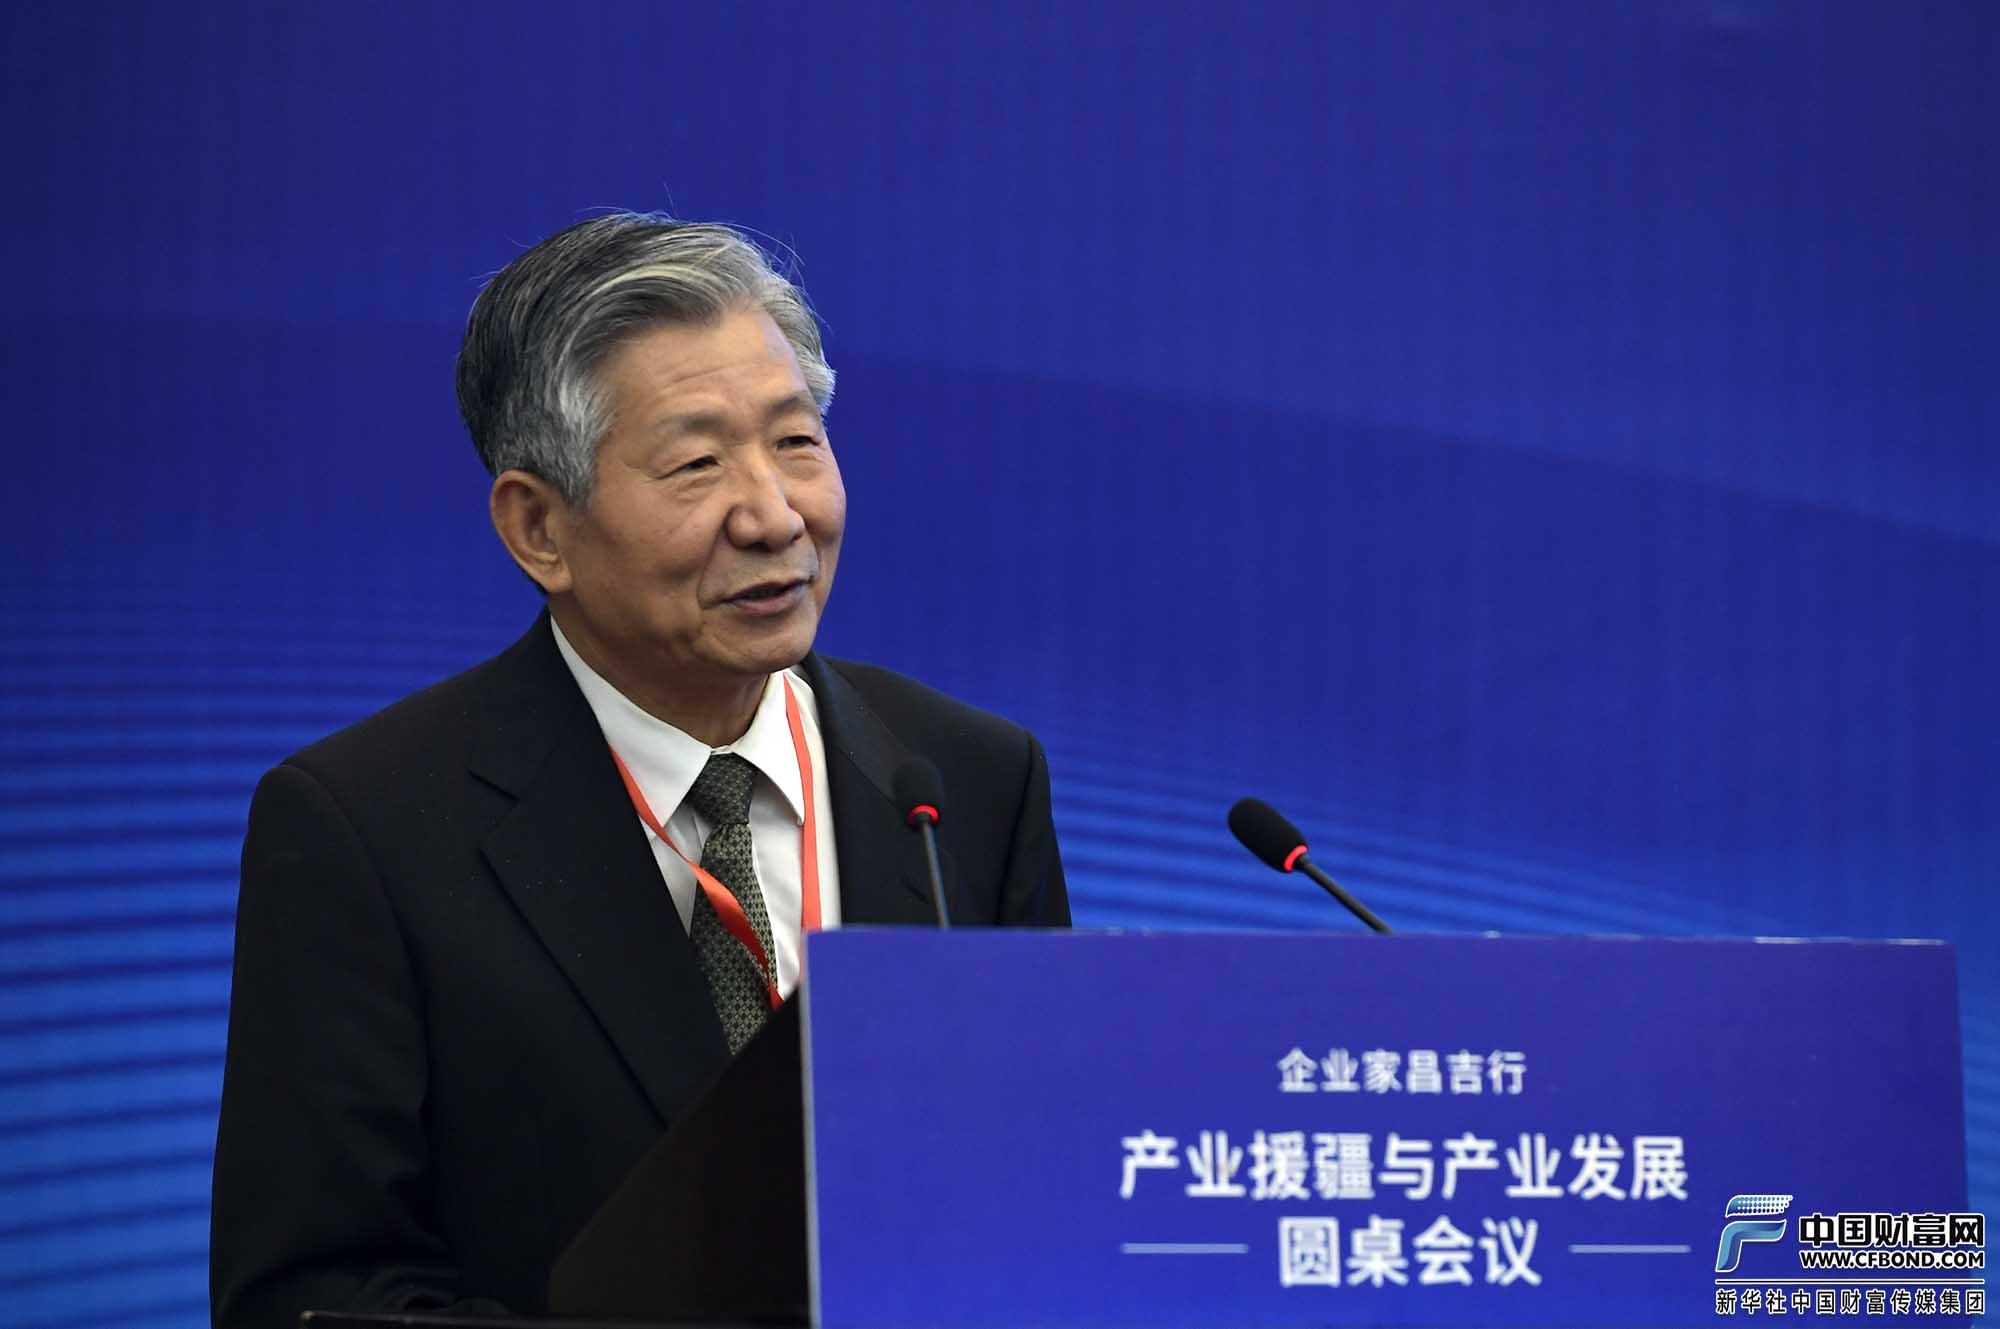 国务院发展研究中心原副主任、第十二届全国政协委员侯云春